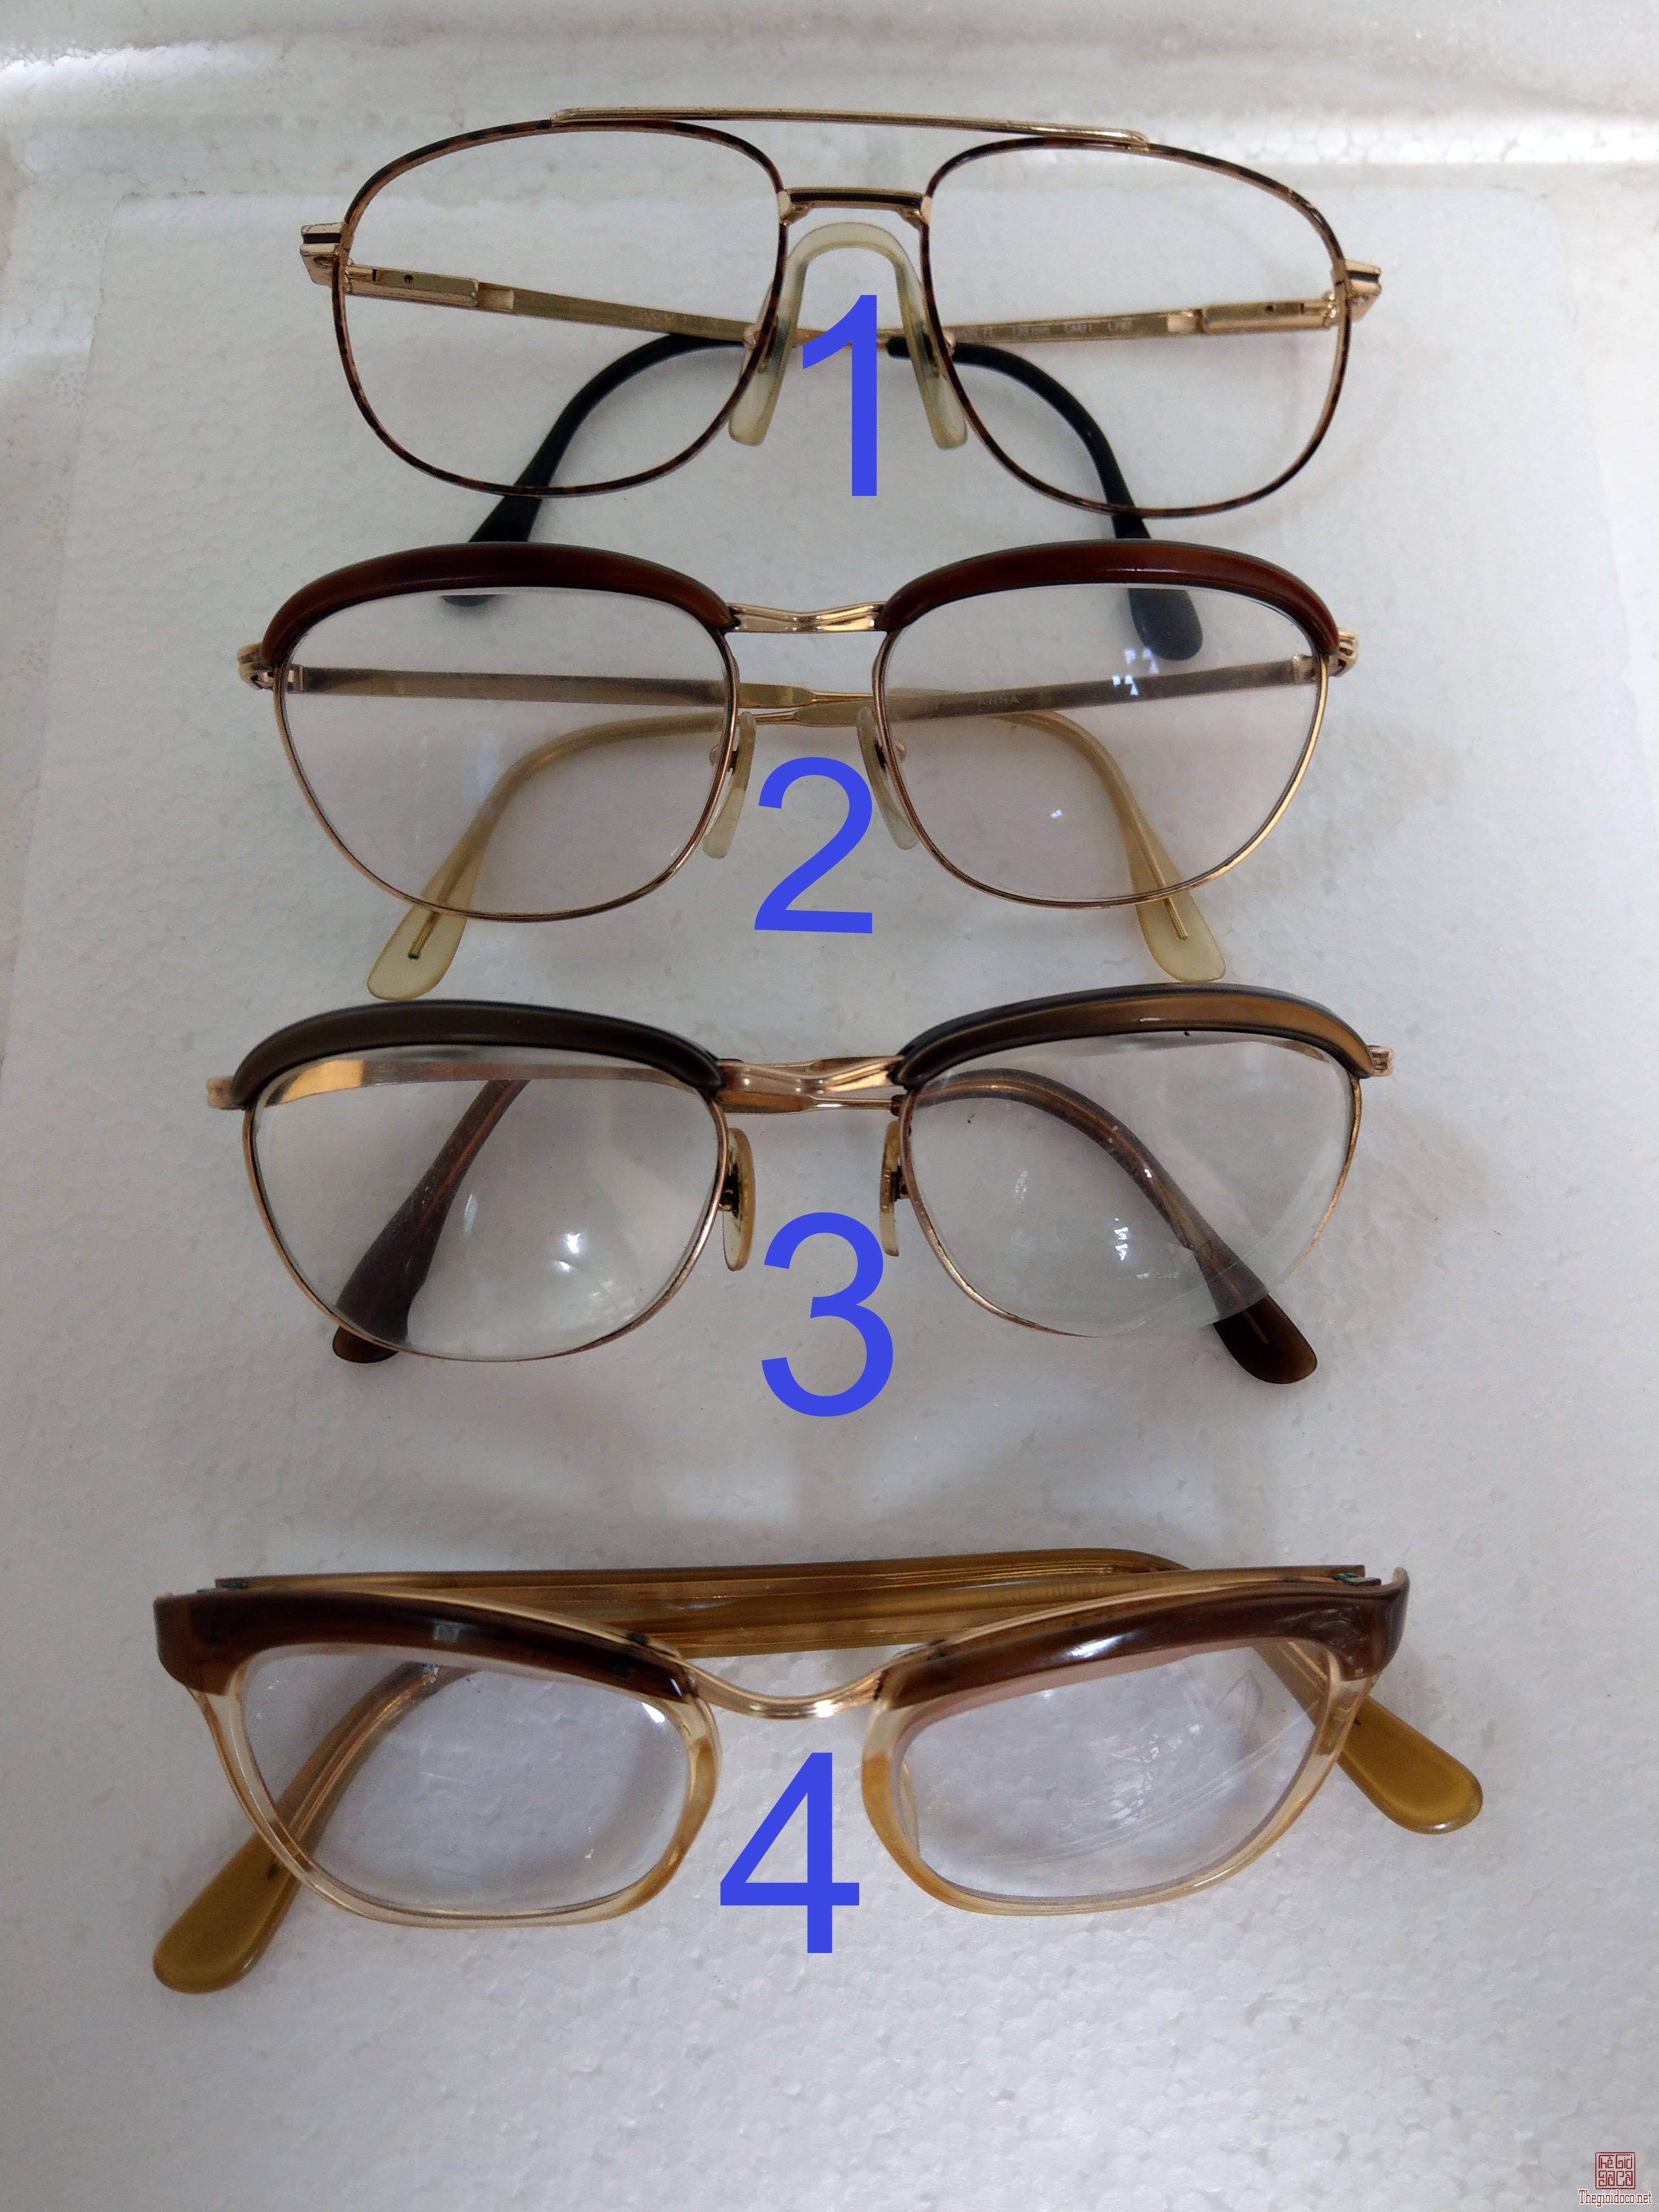 Có  4  cái kính cổ mới về mạ vàng, bọc vàng  có đầy dủ hết, 3 cái Lamy và 1 cái Amor. Tất cả của Páp